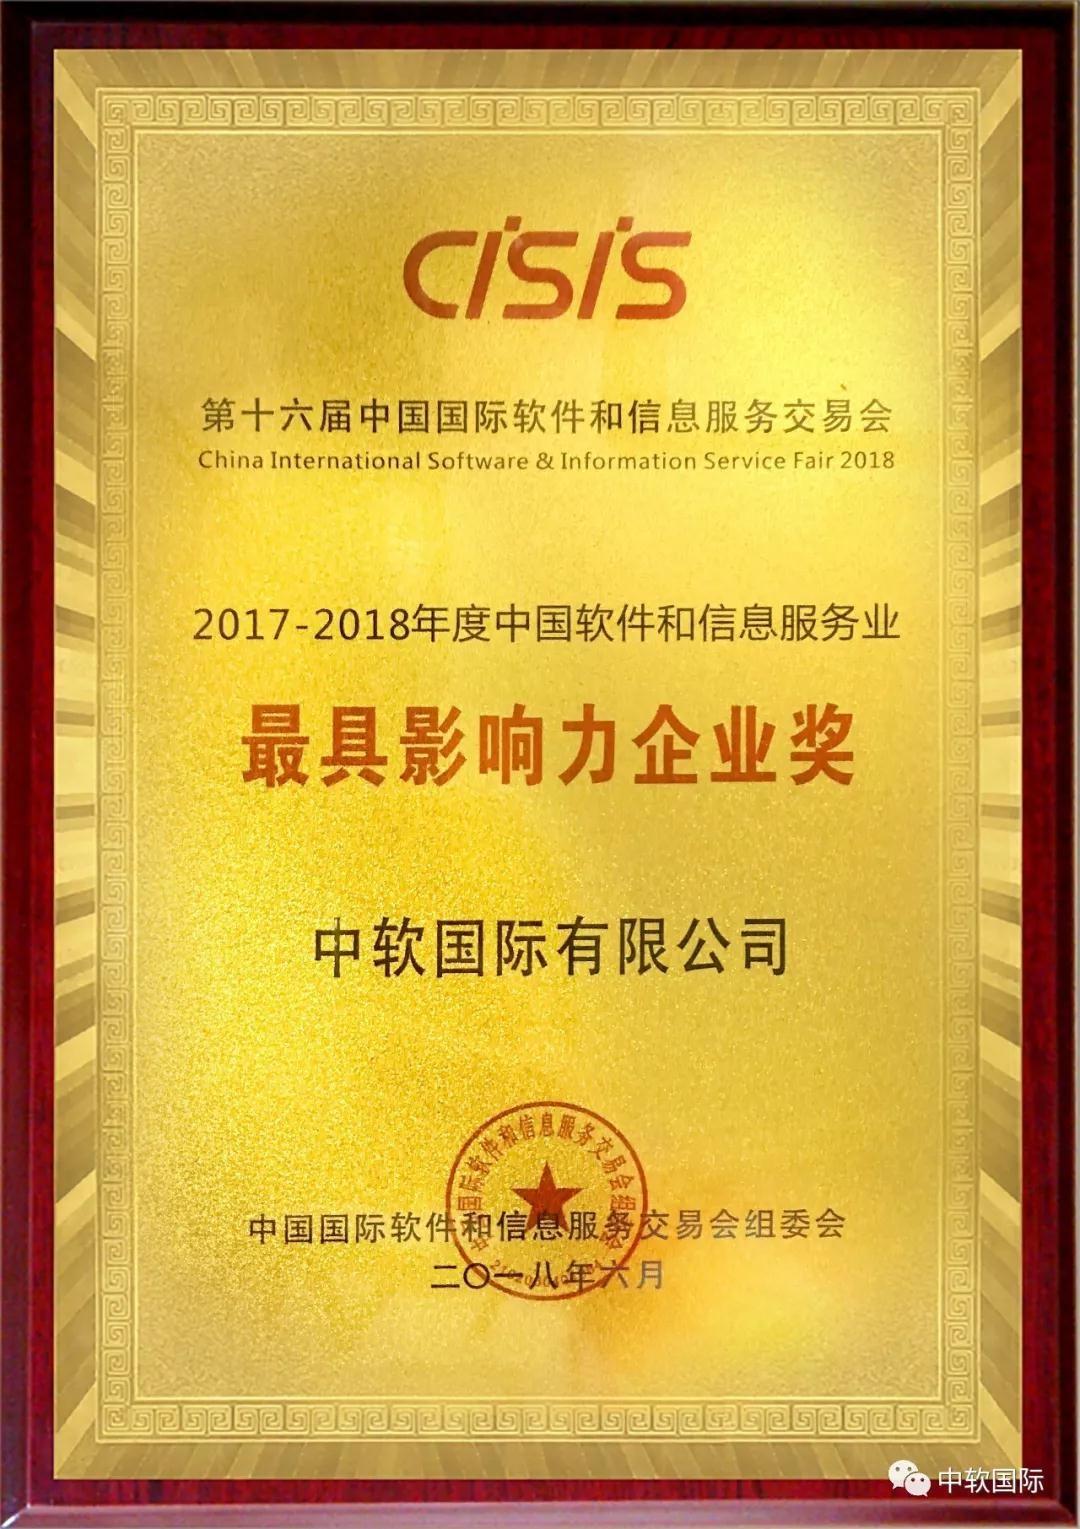 中软国际荣膺2018中国软件和信息服务业最具影响力企业奖